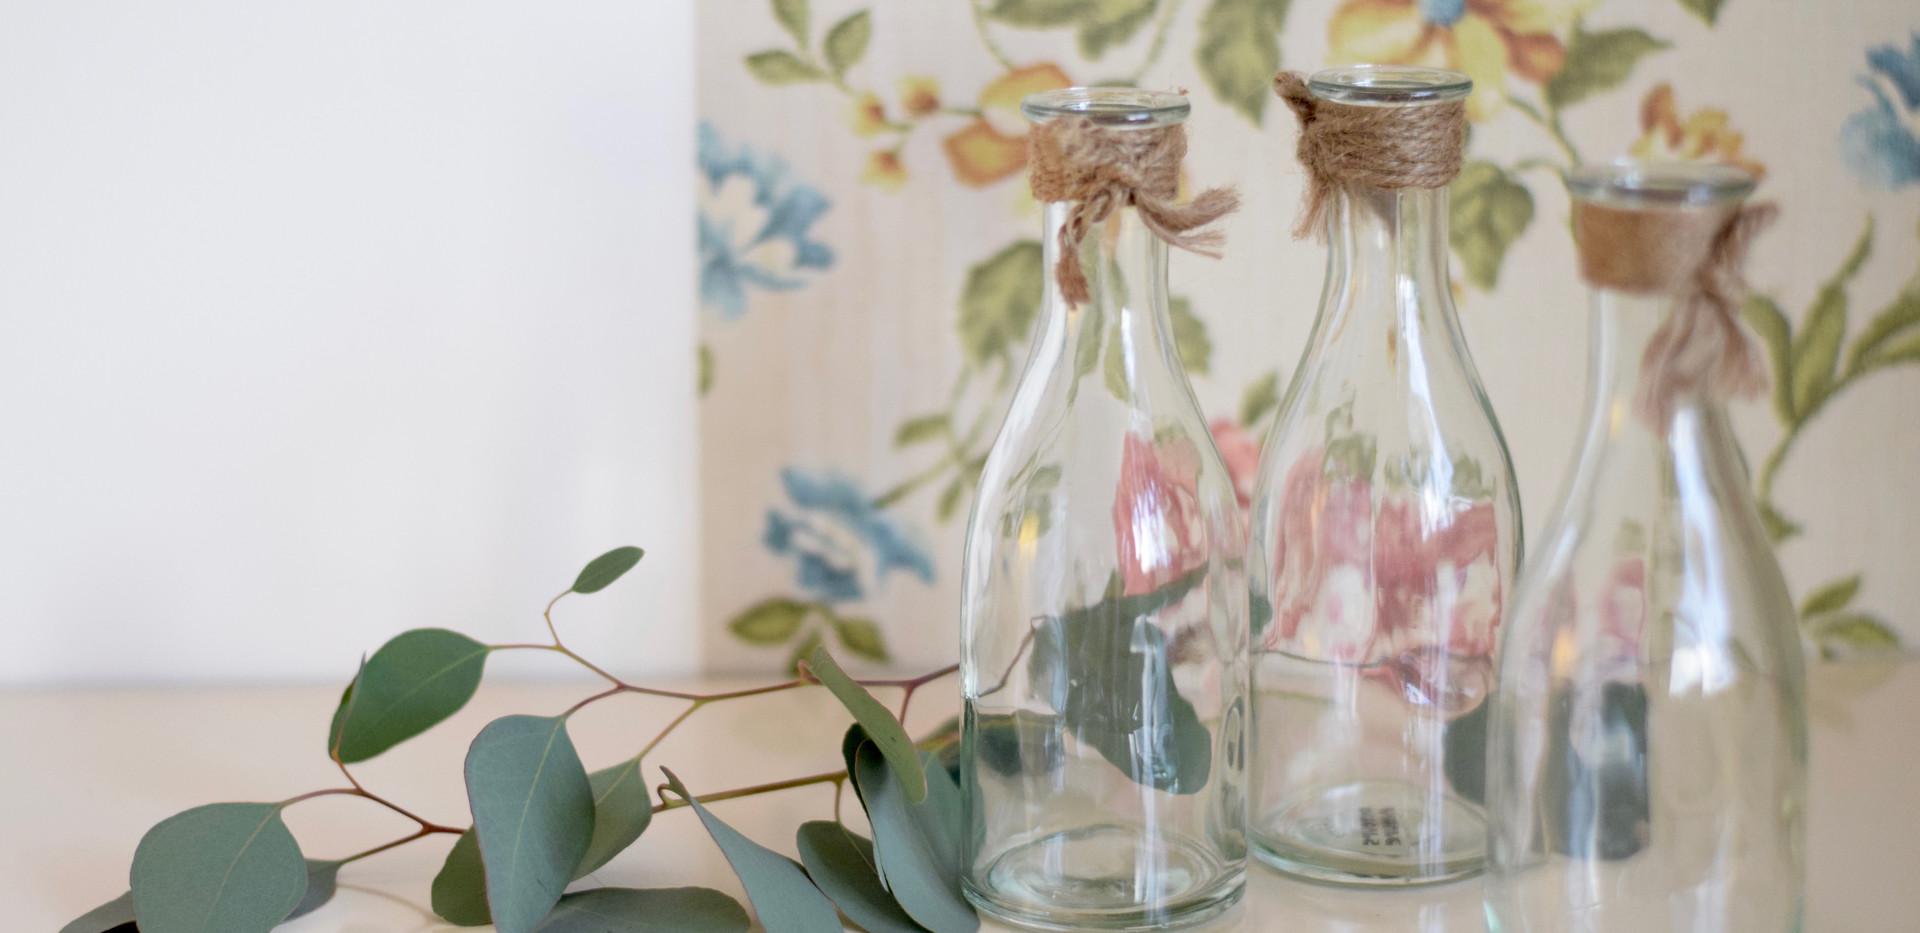 Détours Nature location vase bouteille